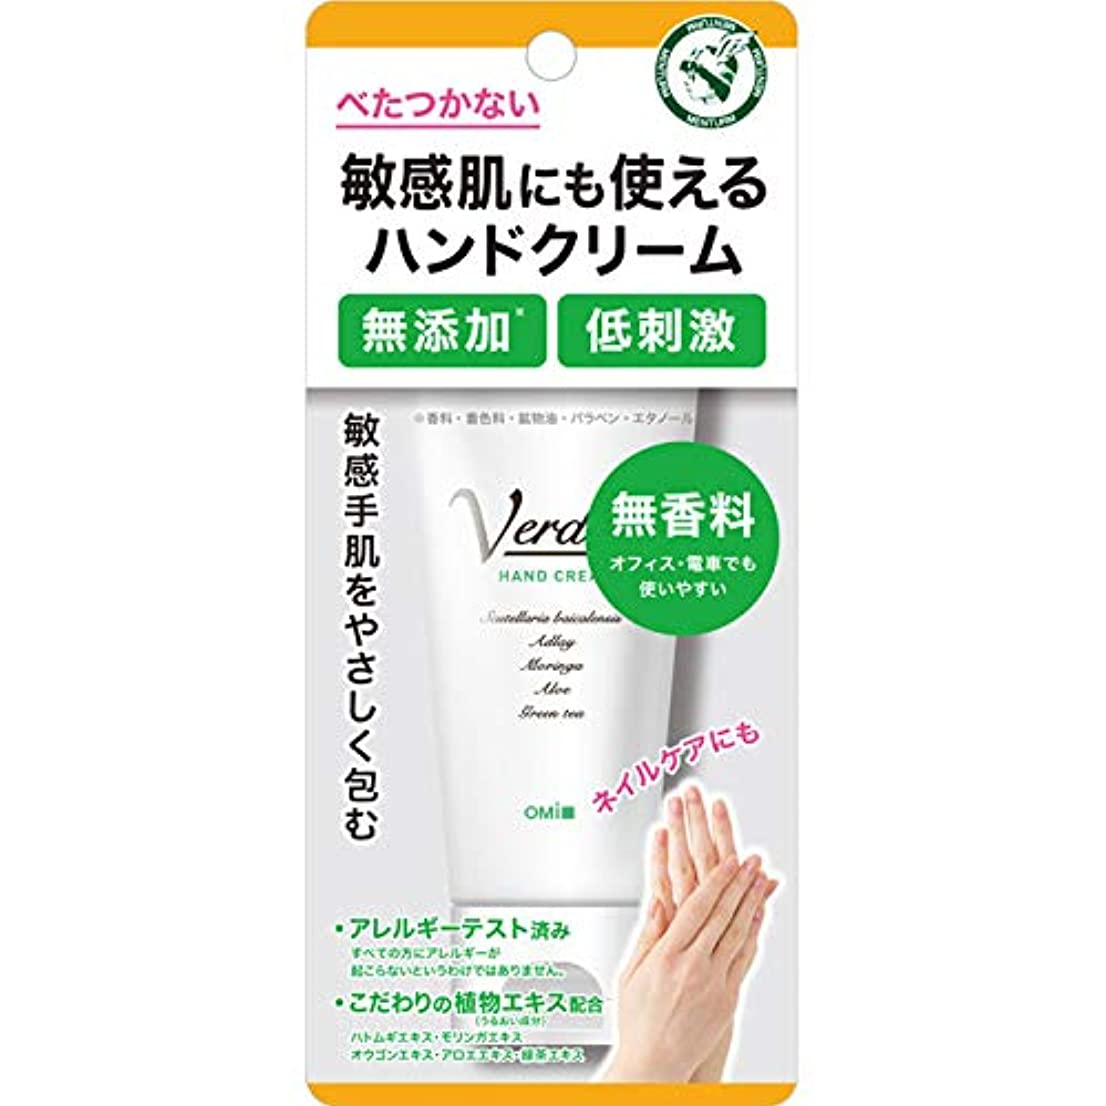 人形失う避難する近江兄弟社 ベルディオ 敏感肌にも使える ハンドクリーム 50g (ネイルケア お手入れ)